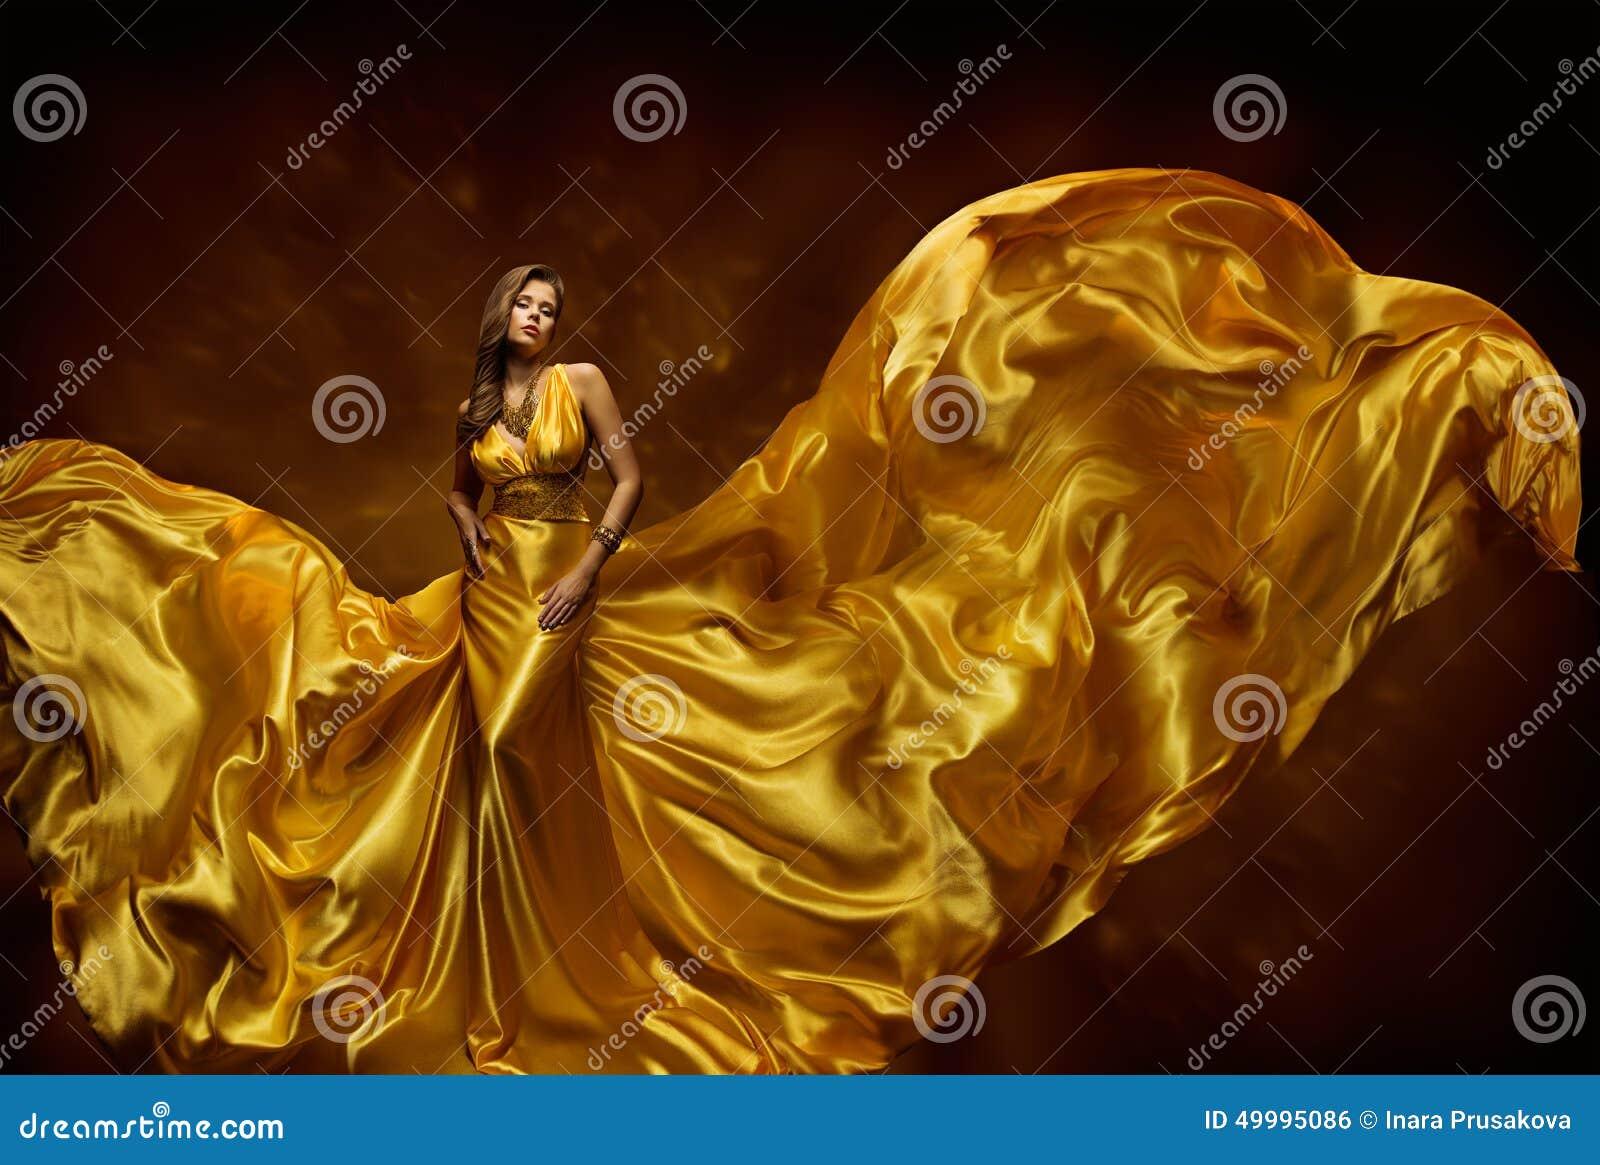 Mannequin Woman Dress die, de Toga van de Damein fluttering silk Schoonheid, Stof op Wind, Mooi Meisje met Lange Vliegende Doek g